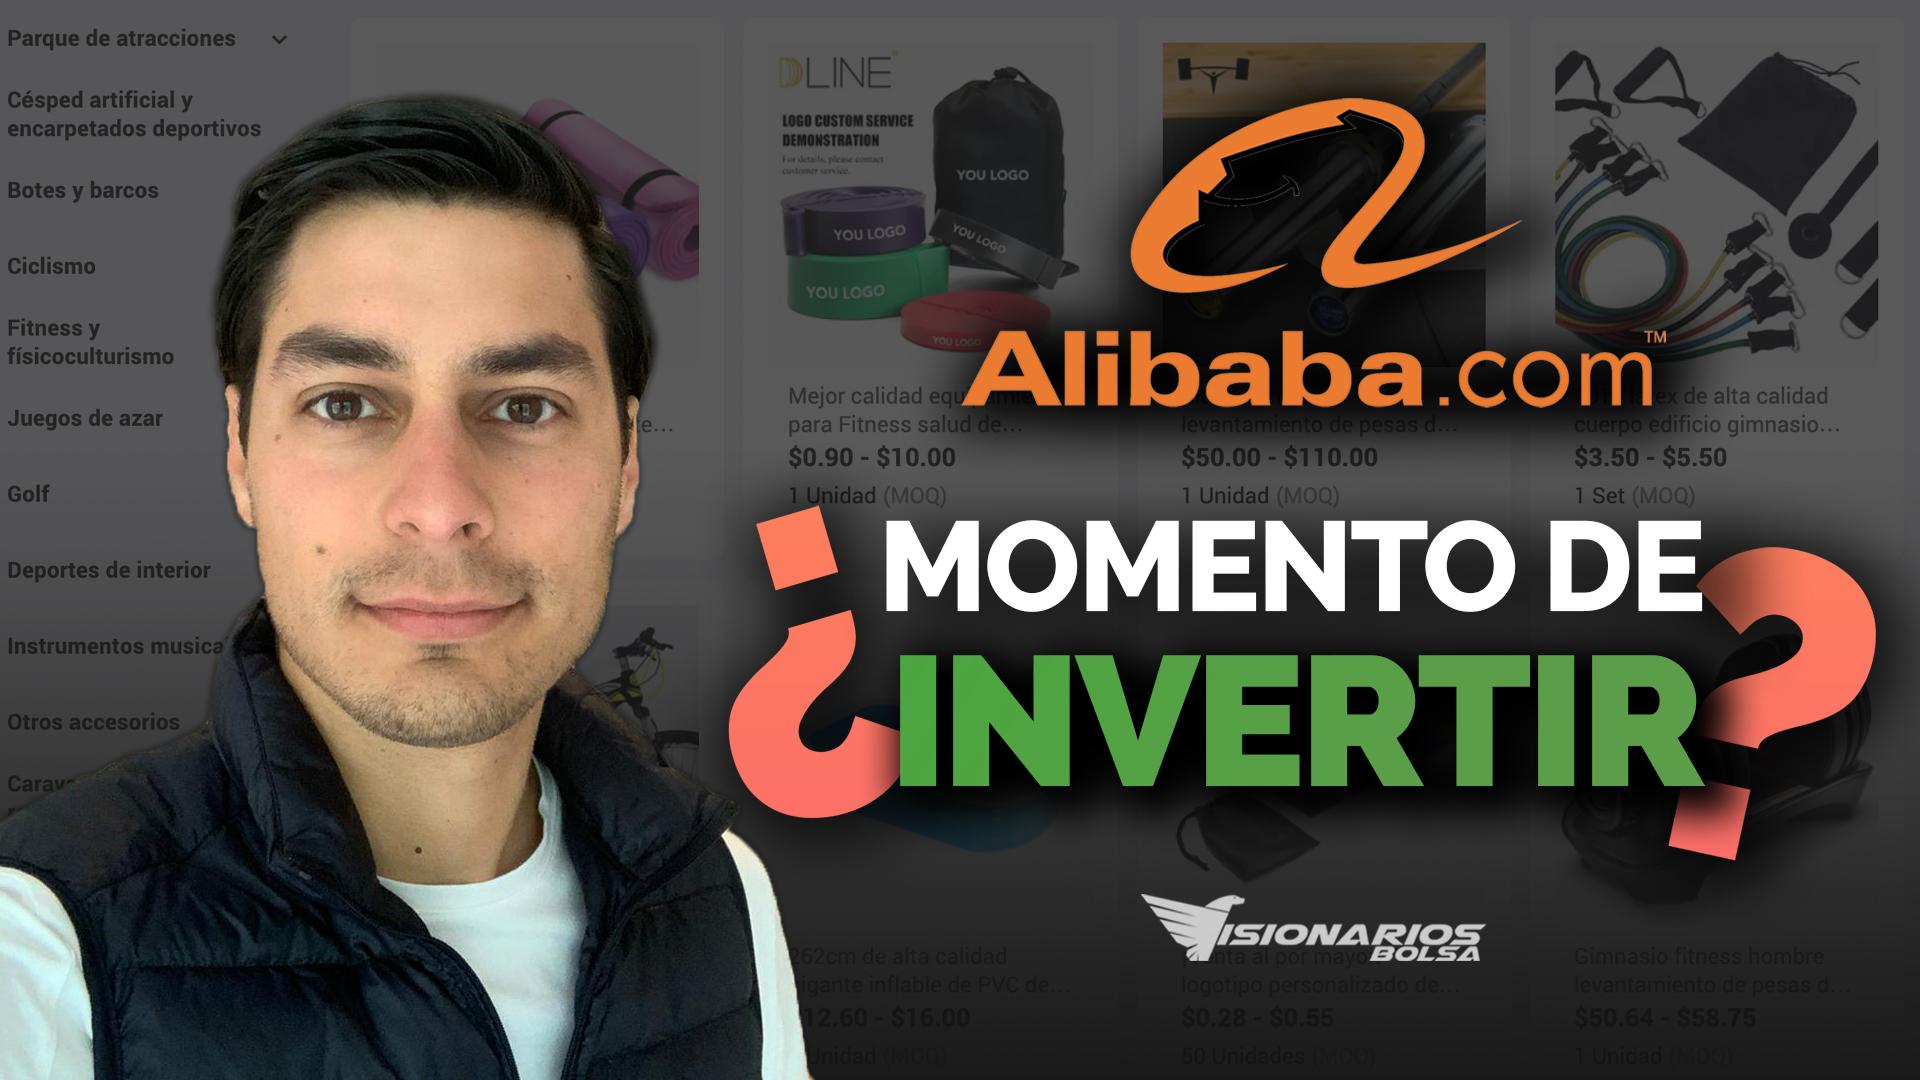 Análisis Alibaba, ¿Momento De Invertir En El Gigante Chino?